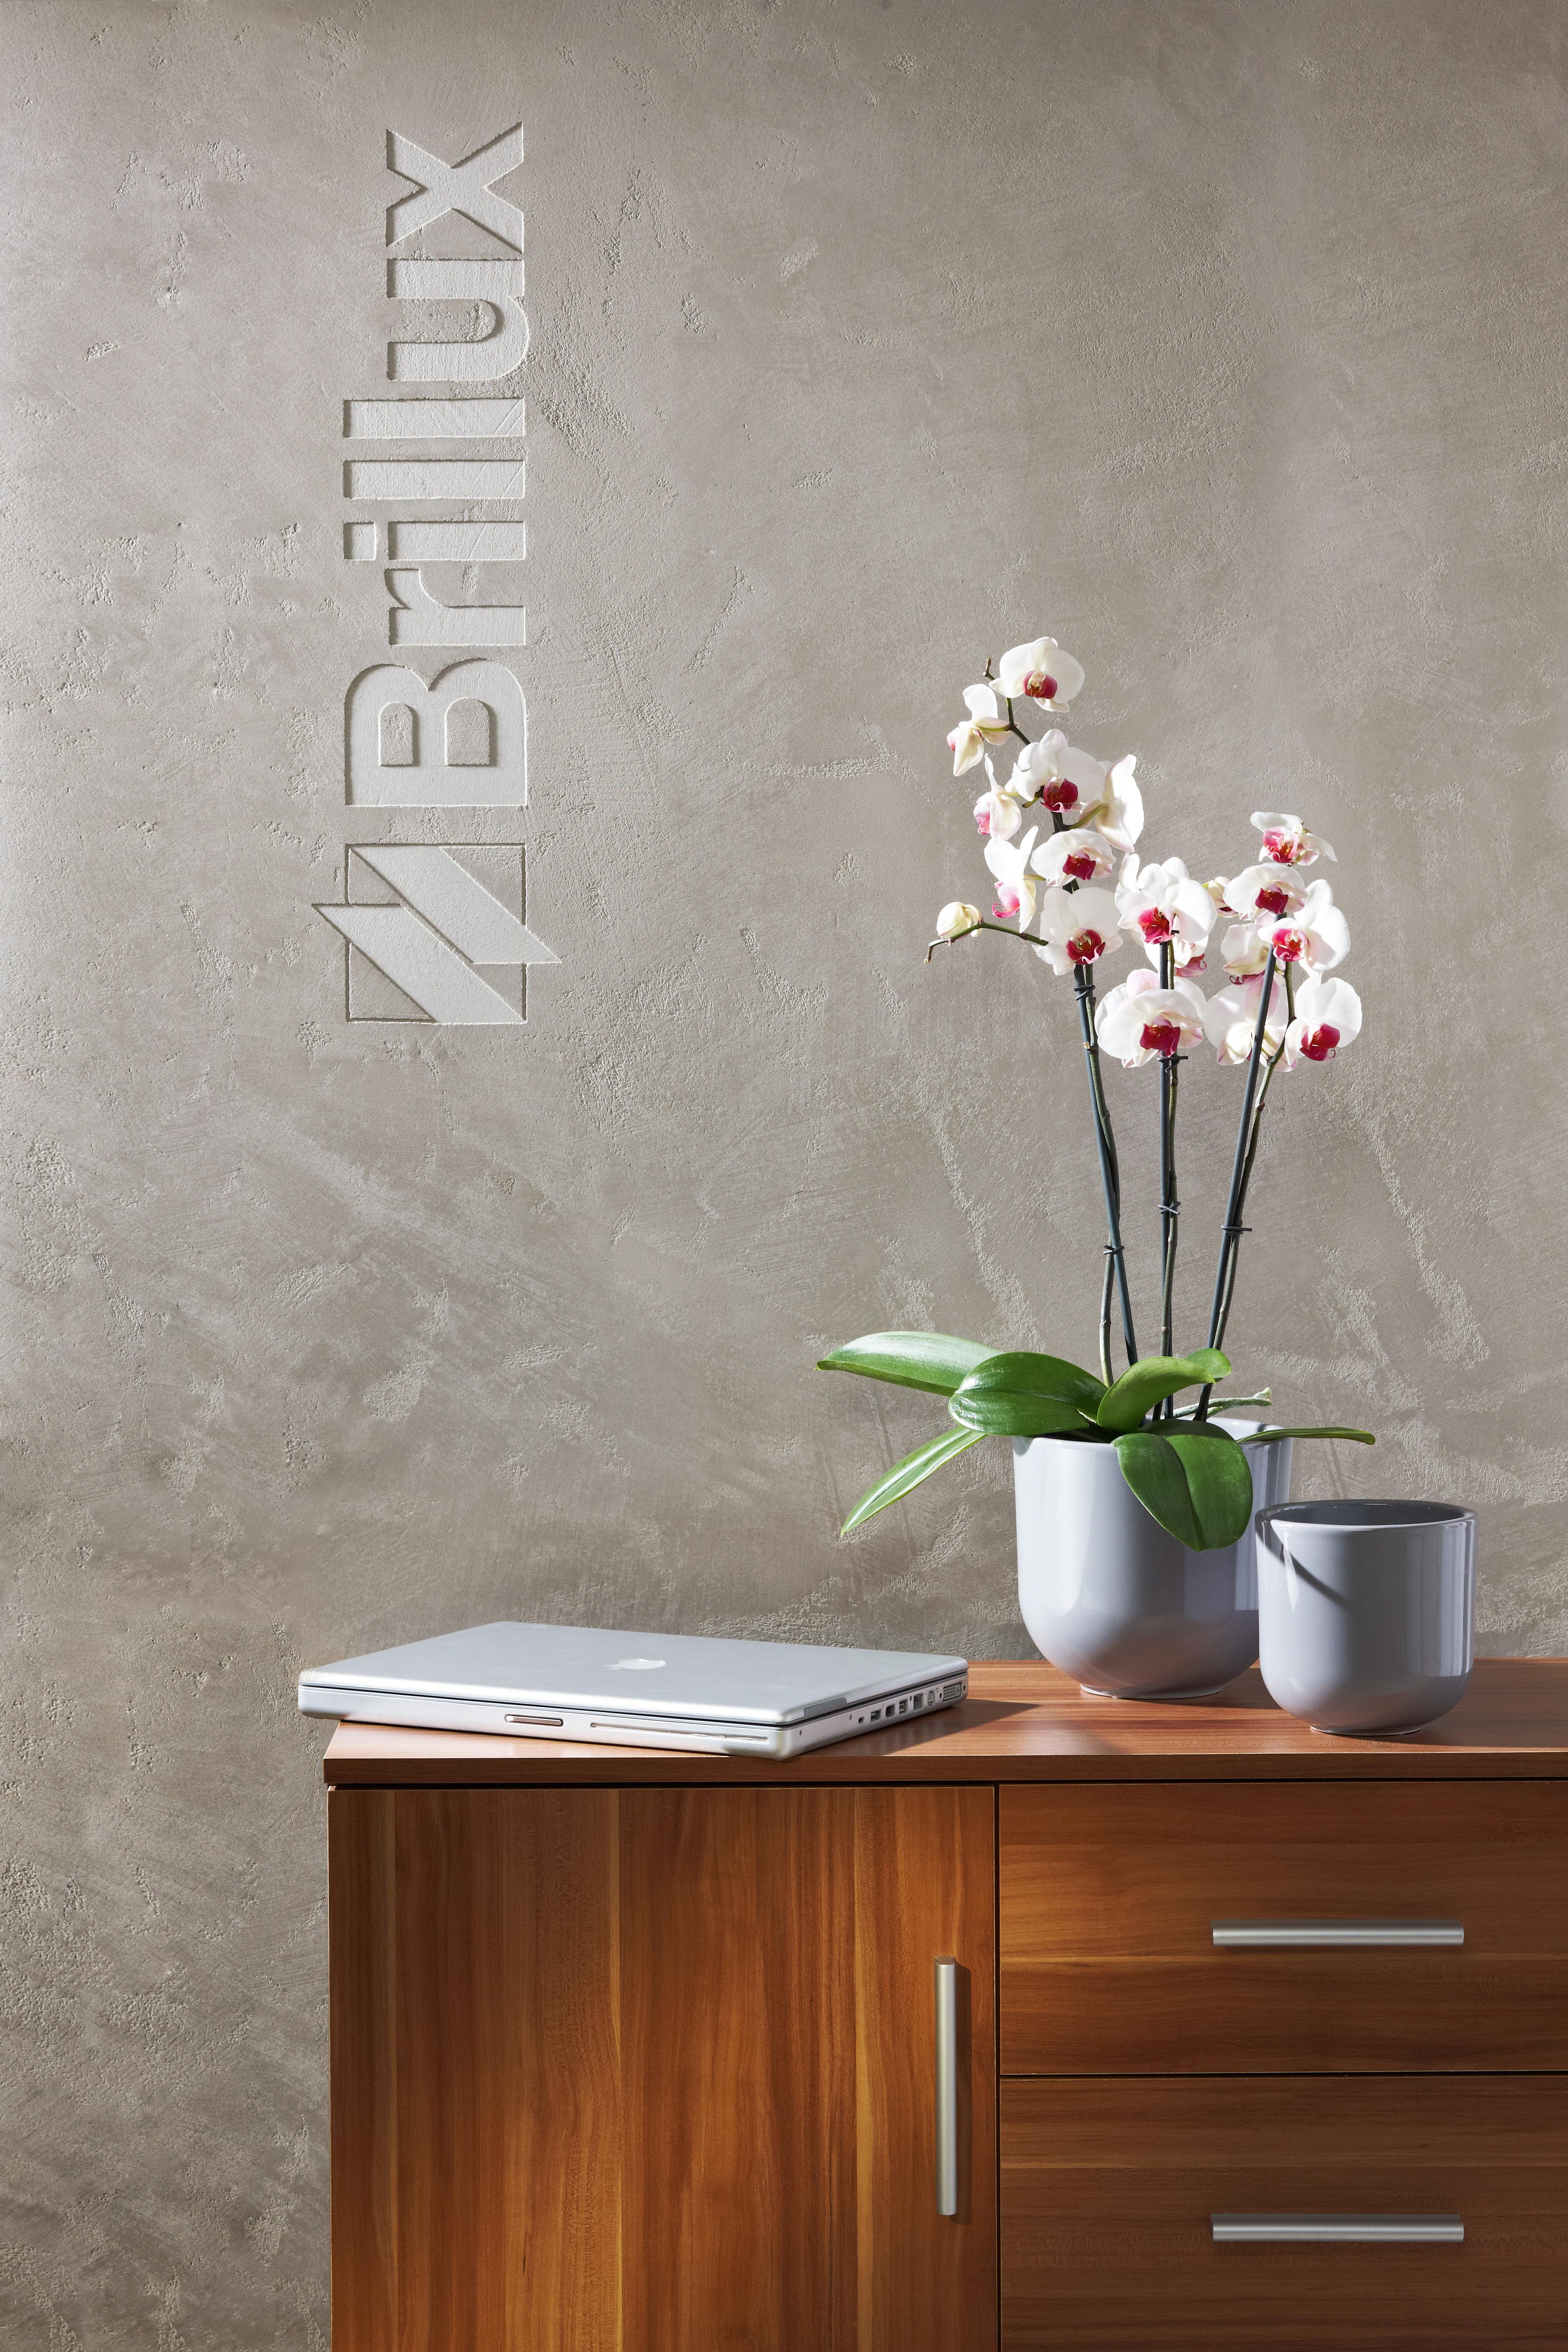 Beton Optik Ist Eine Außergewöhnliche Wandgestaltung, Die Durch Ihre  Zurückhaltung Besticht. So Klar Und Pur Wie Nordisches Design.